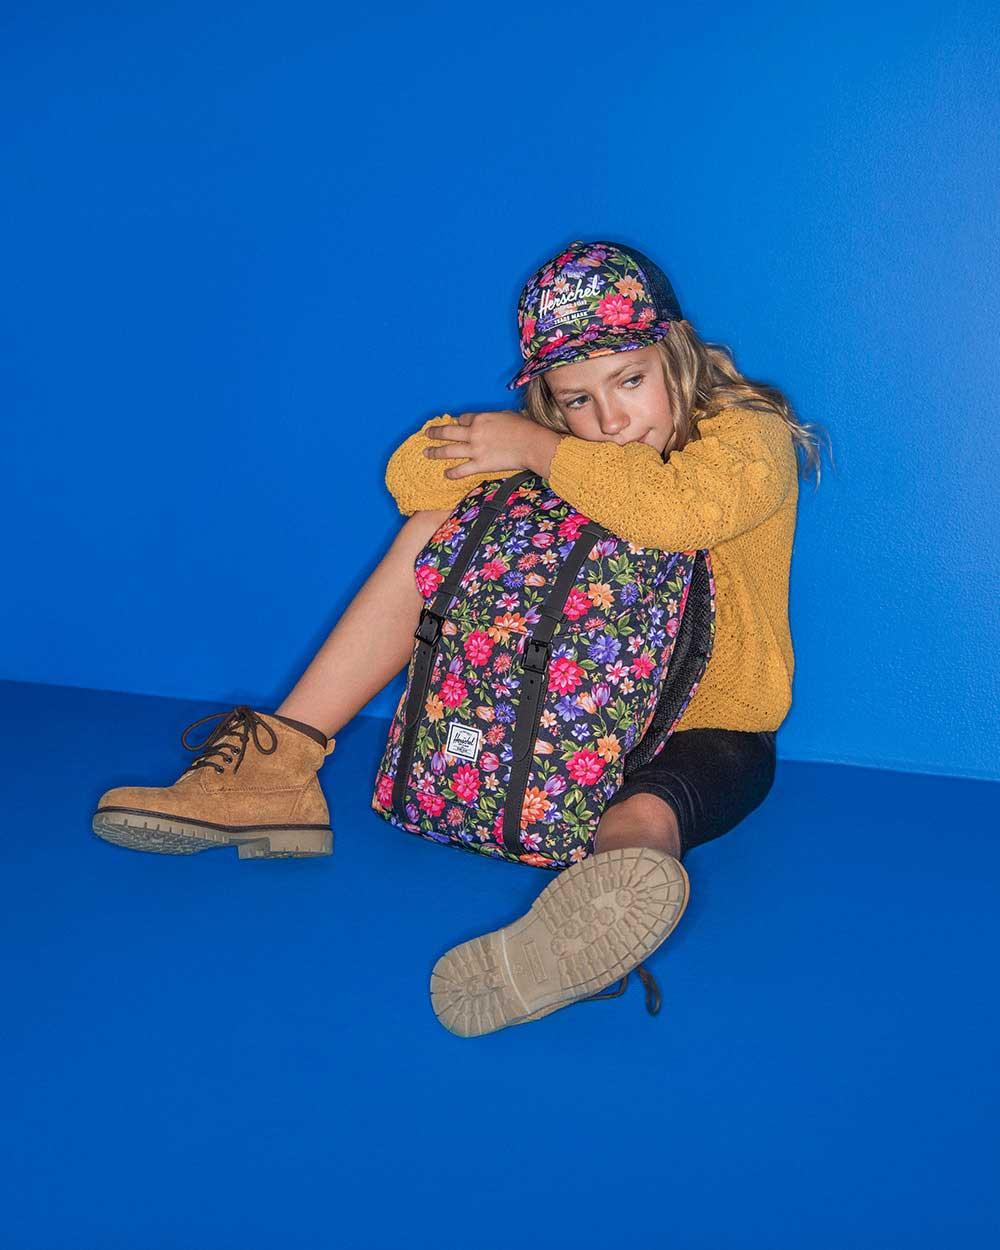 Un enfant est assis sur le sol avec un sac à dos Retreat gamme Jeune motif Garden Floral